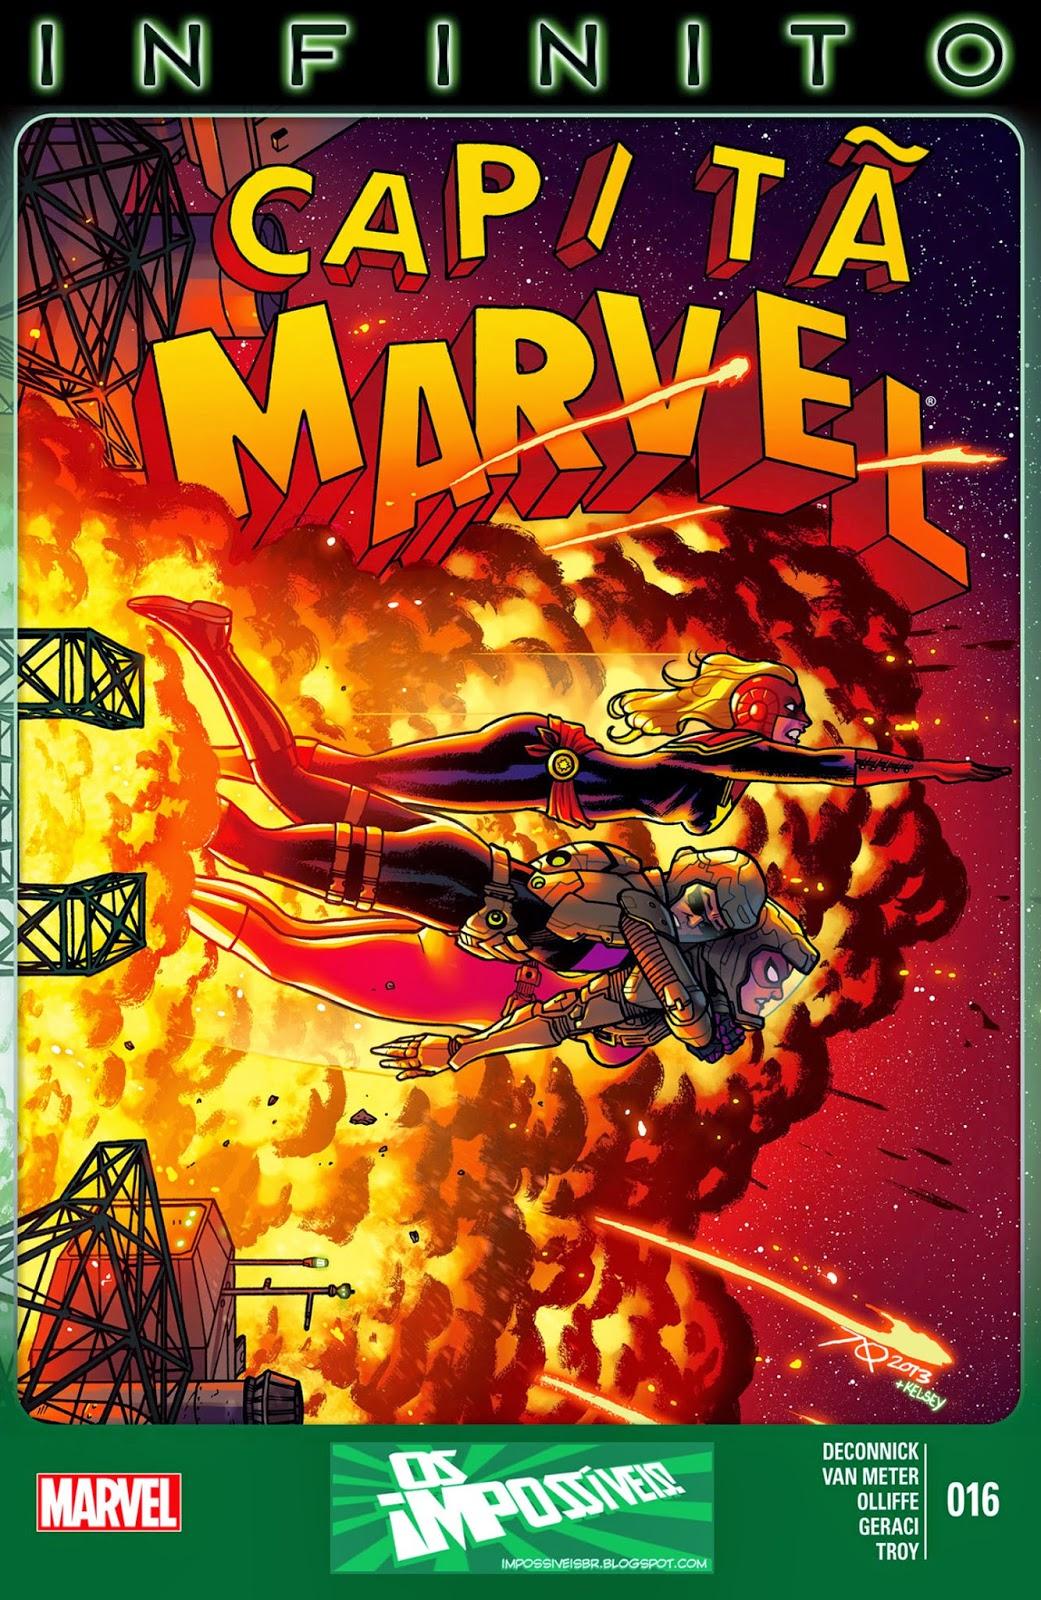 Nova Marvel! Capitã Marvel #16